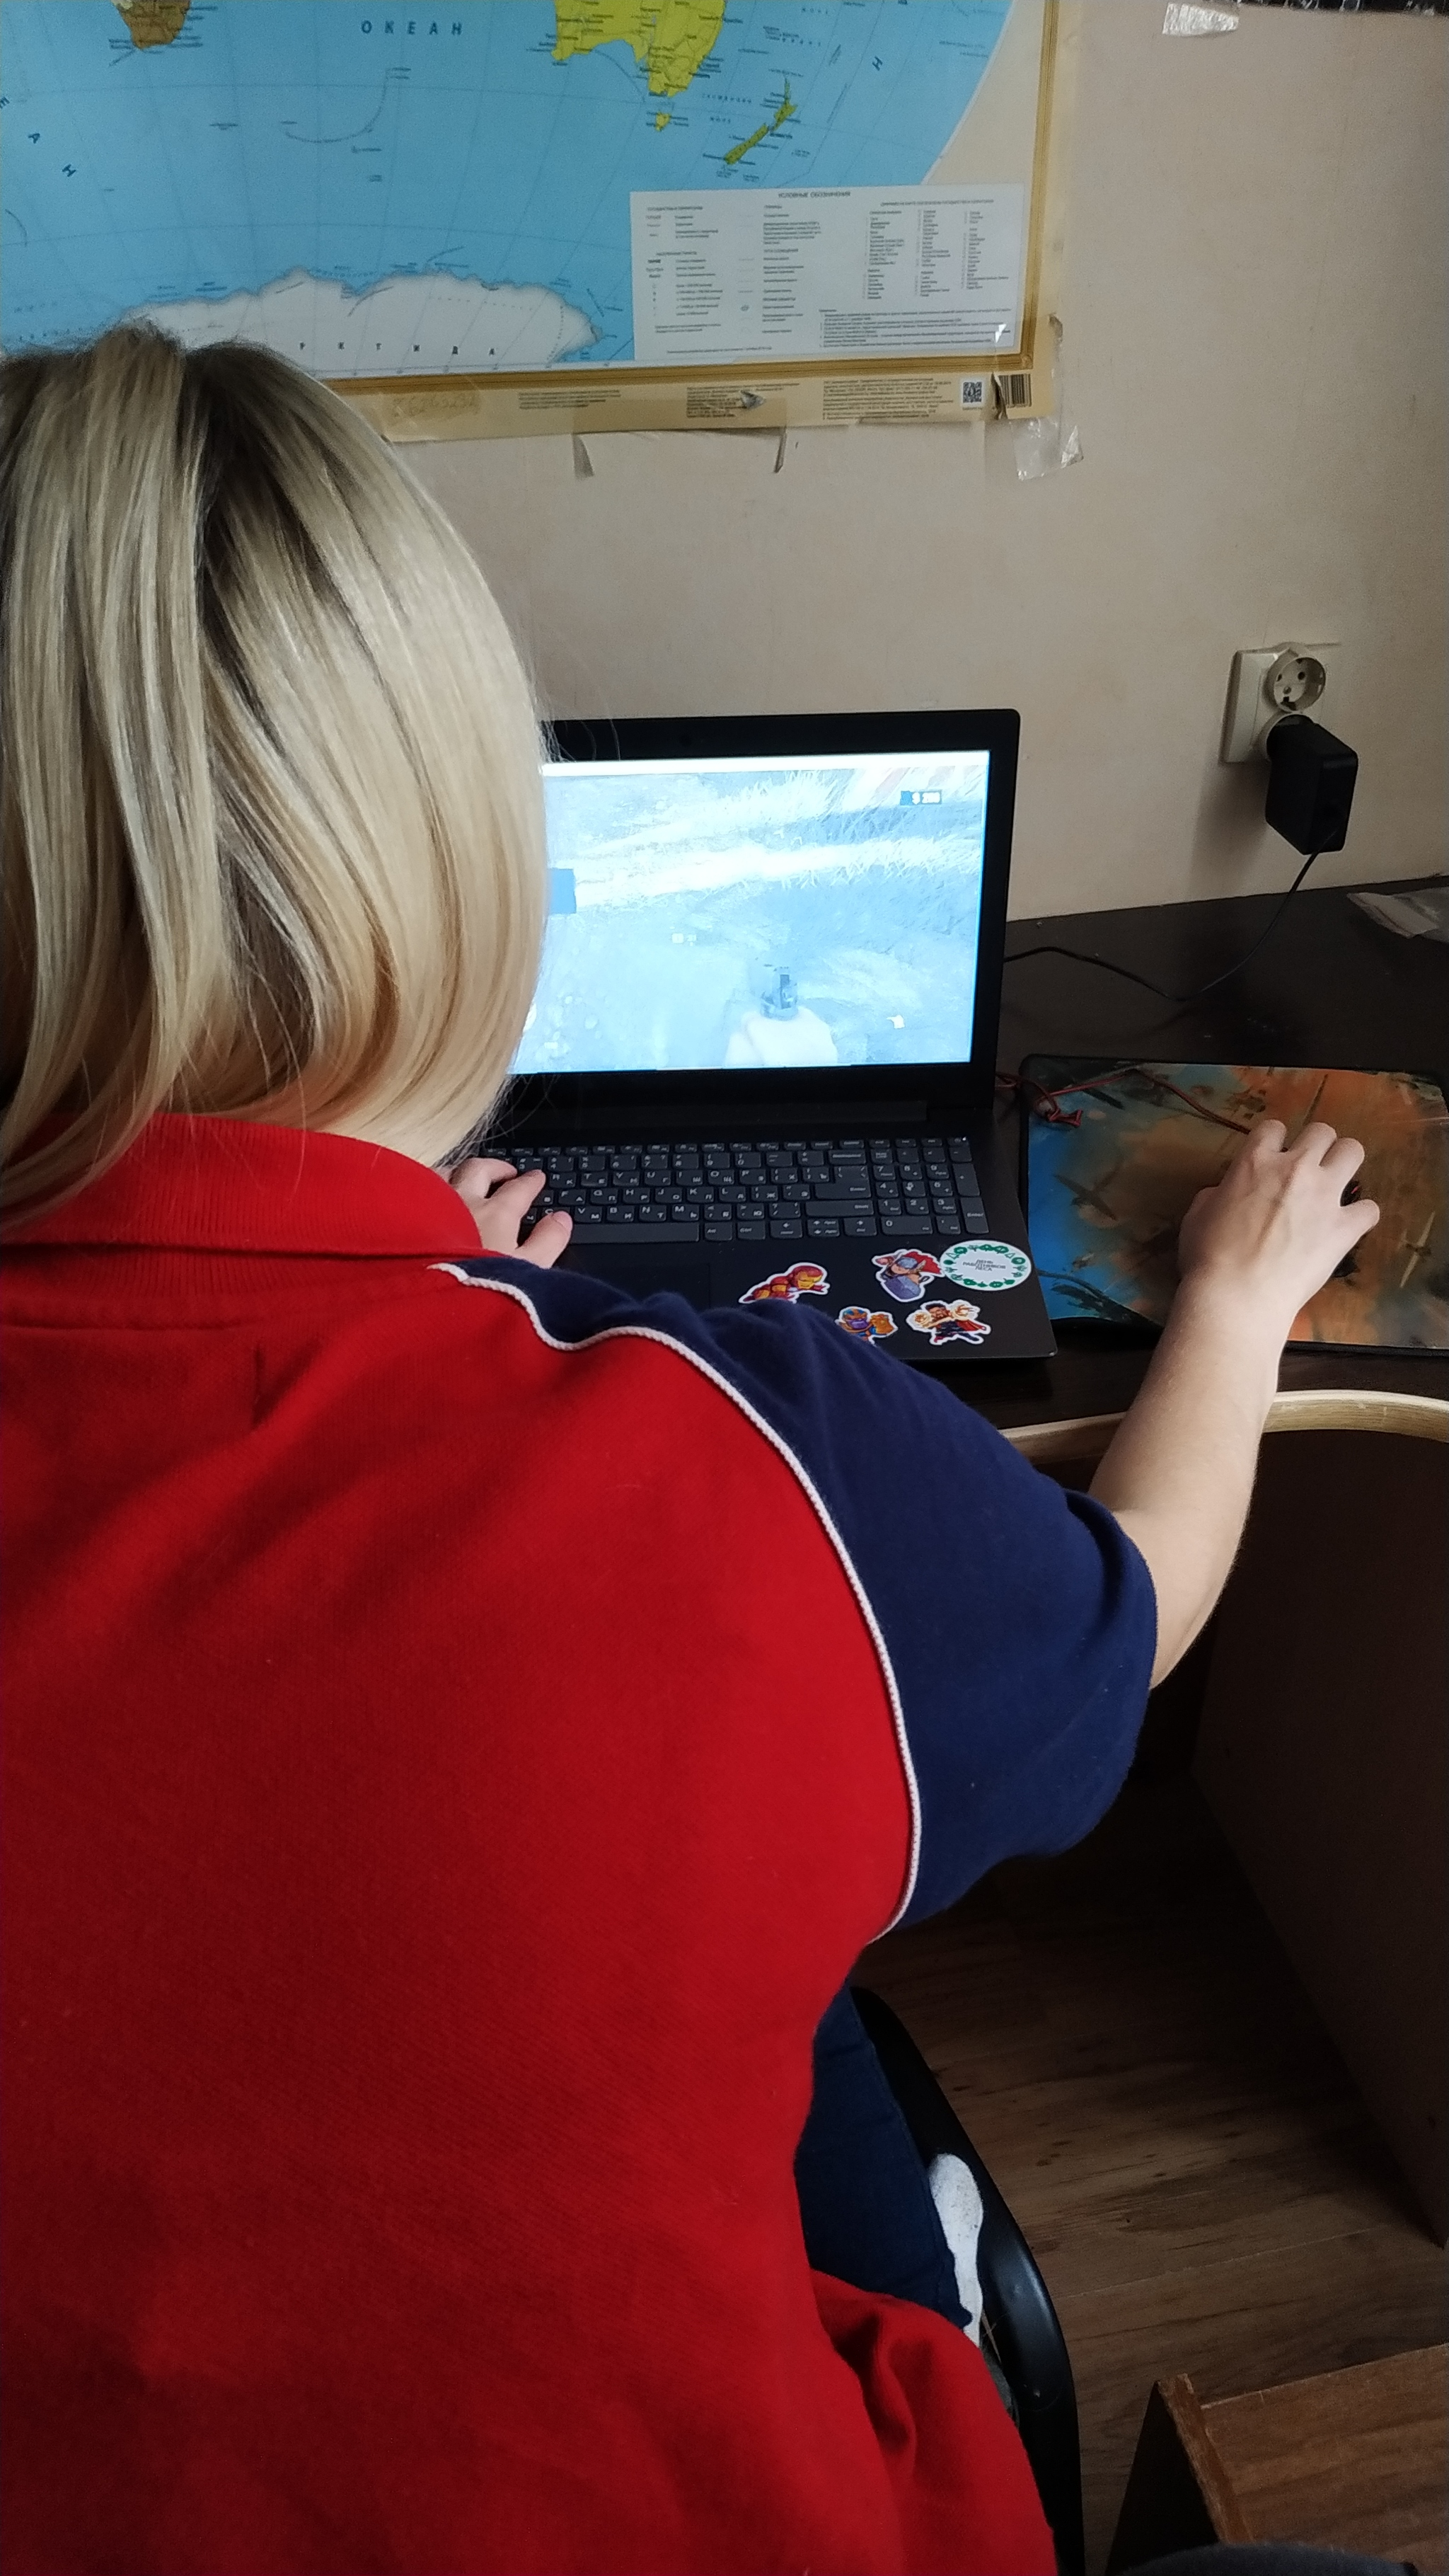 Игры девушка на работе работа онлайн спасск рязанский